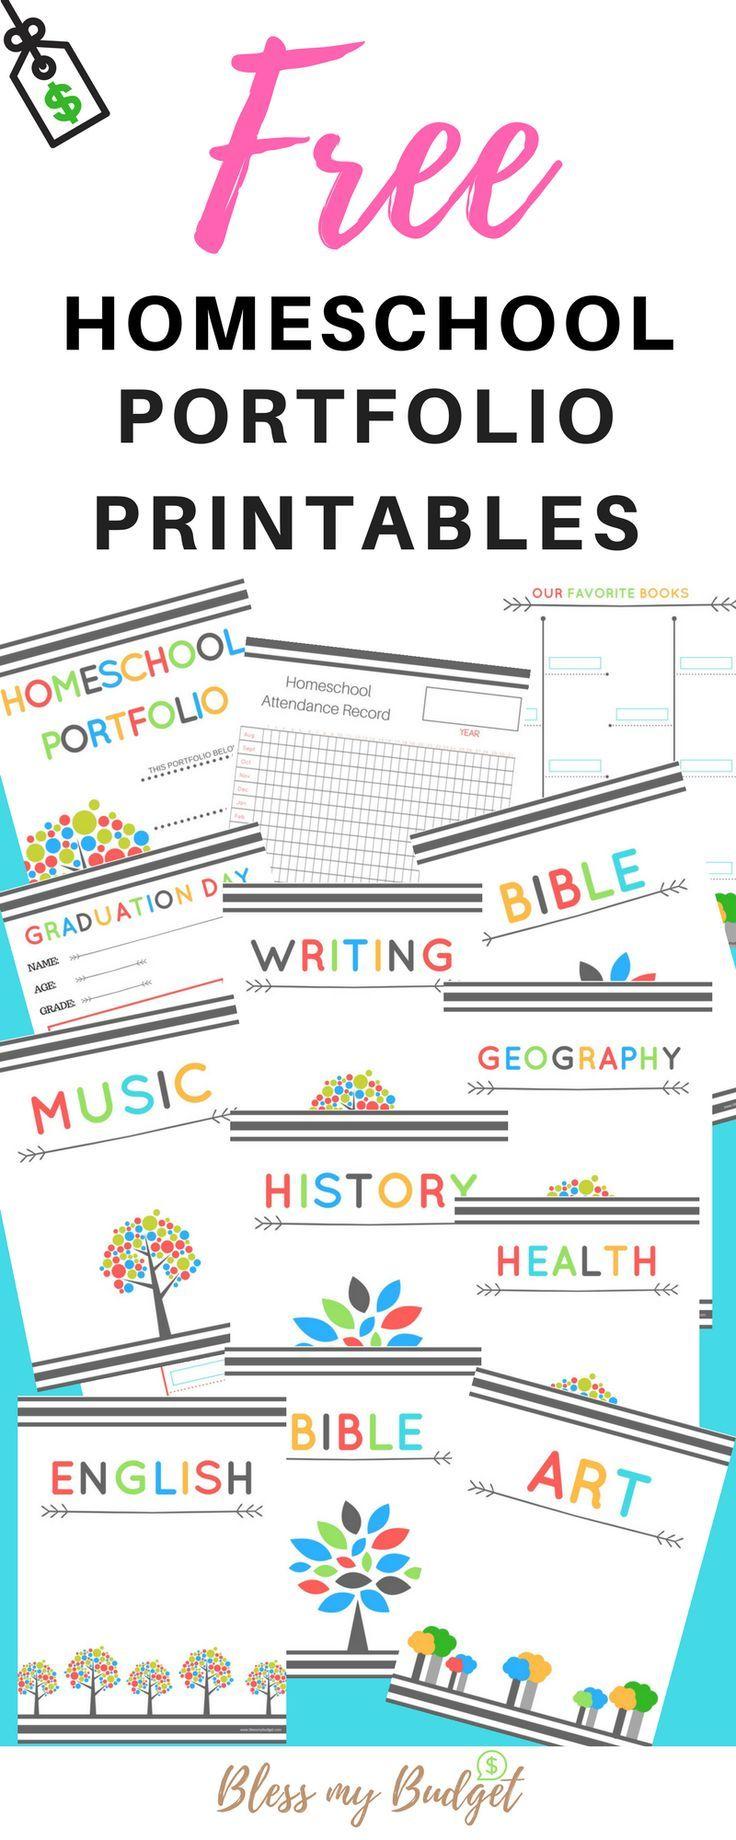 Free Homeschool Portfolio Printables . How to easily set up ...